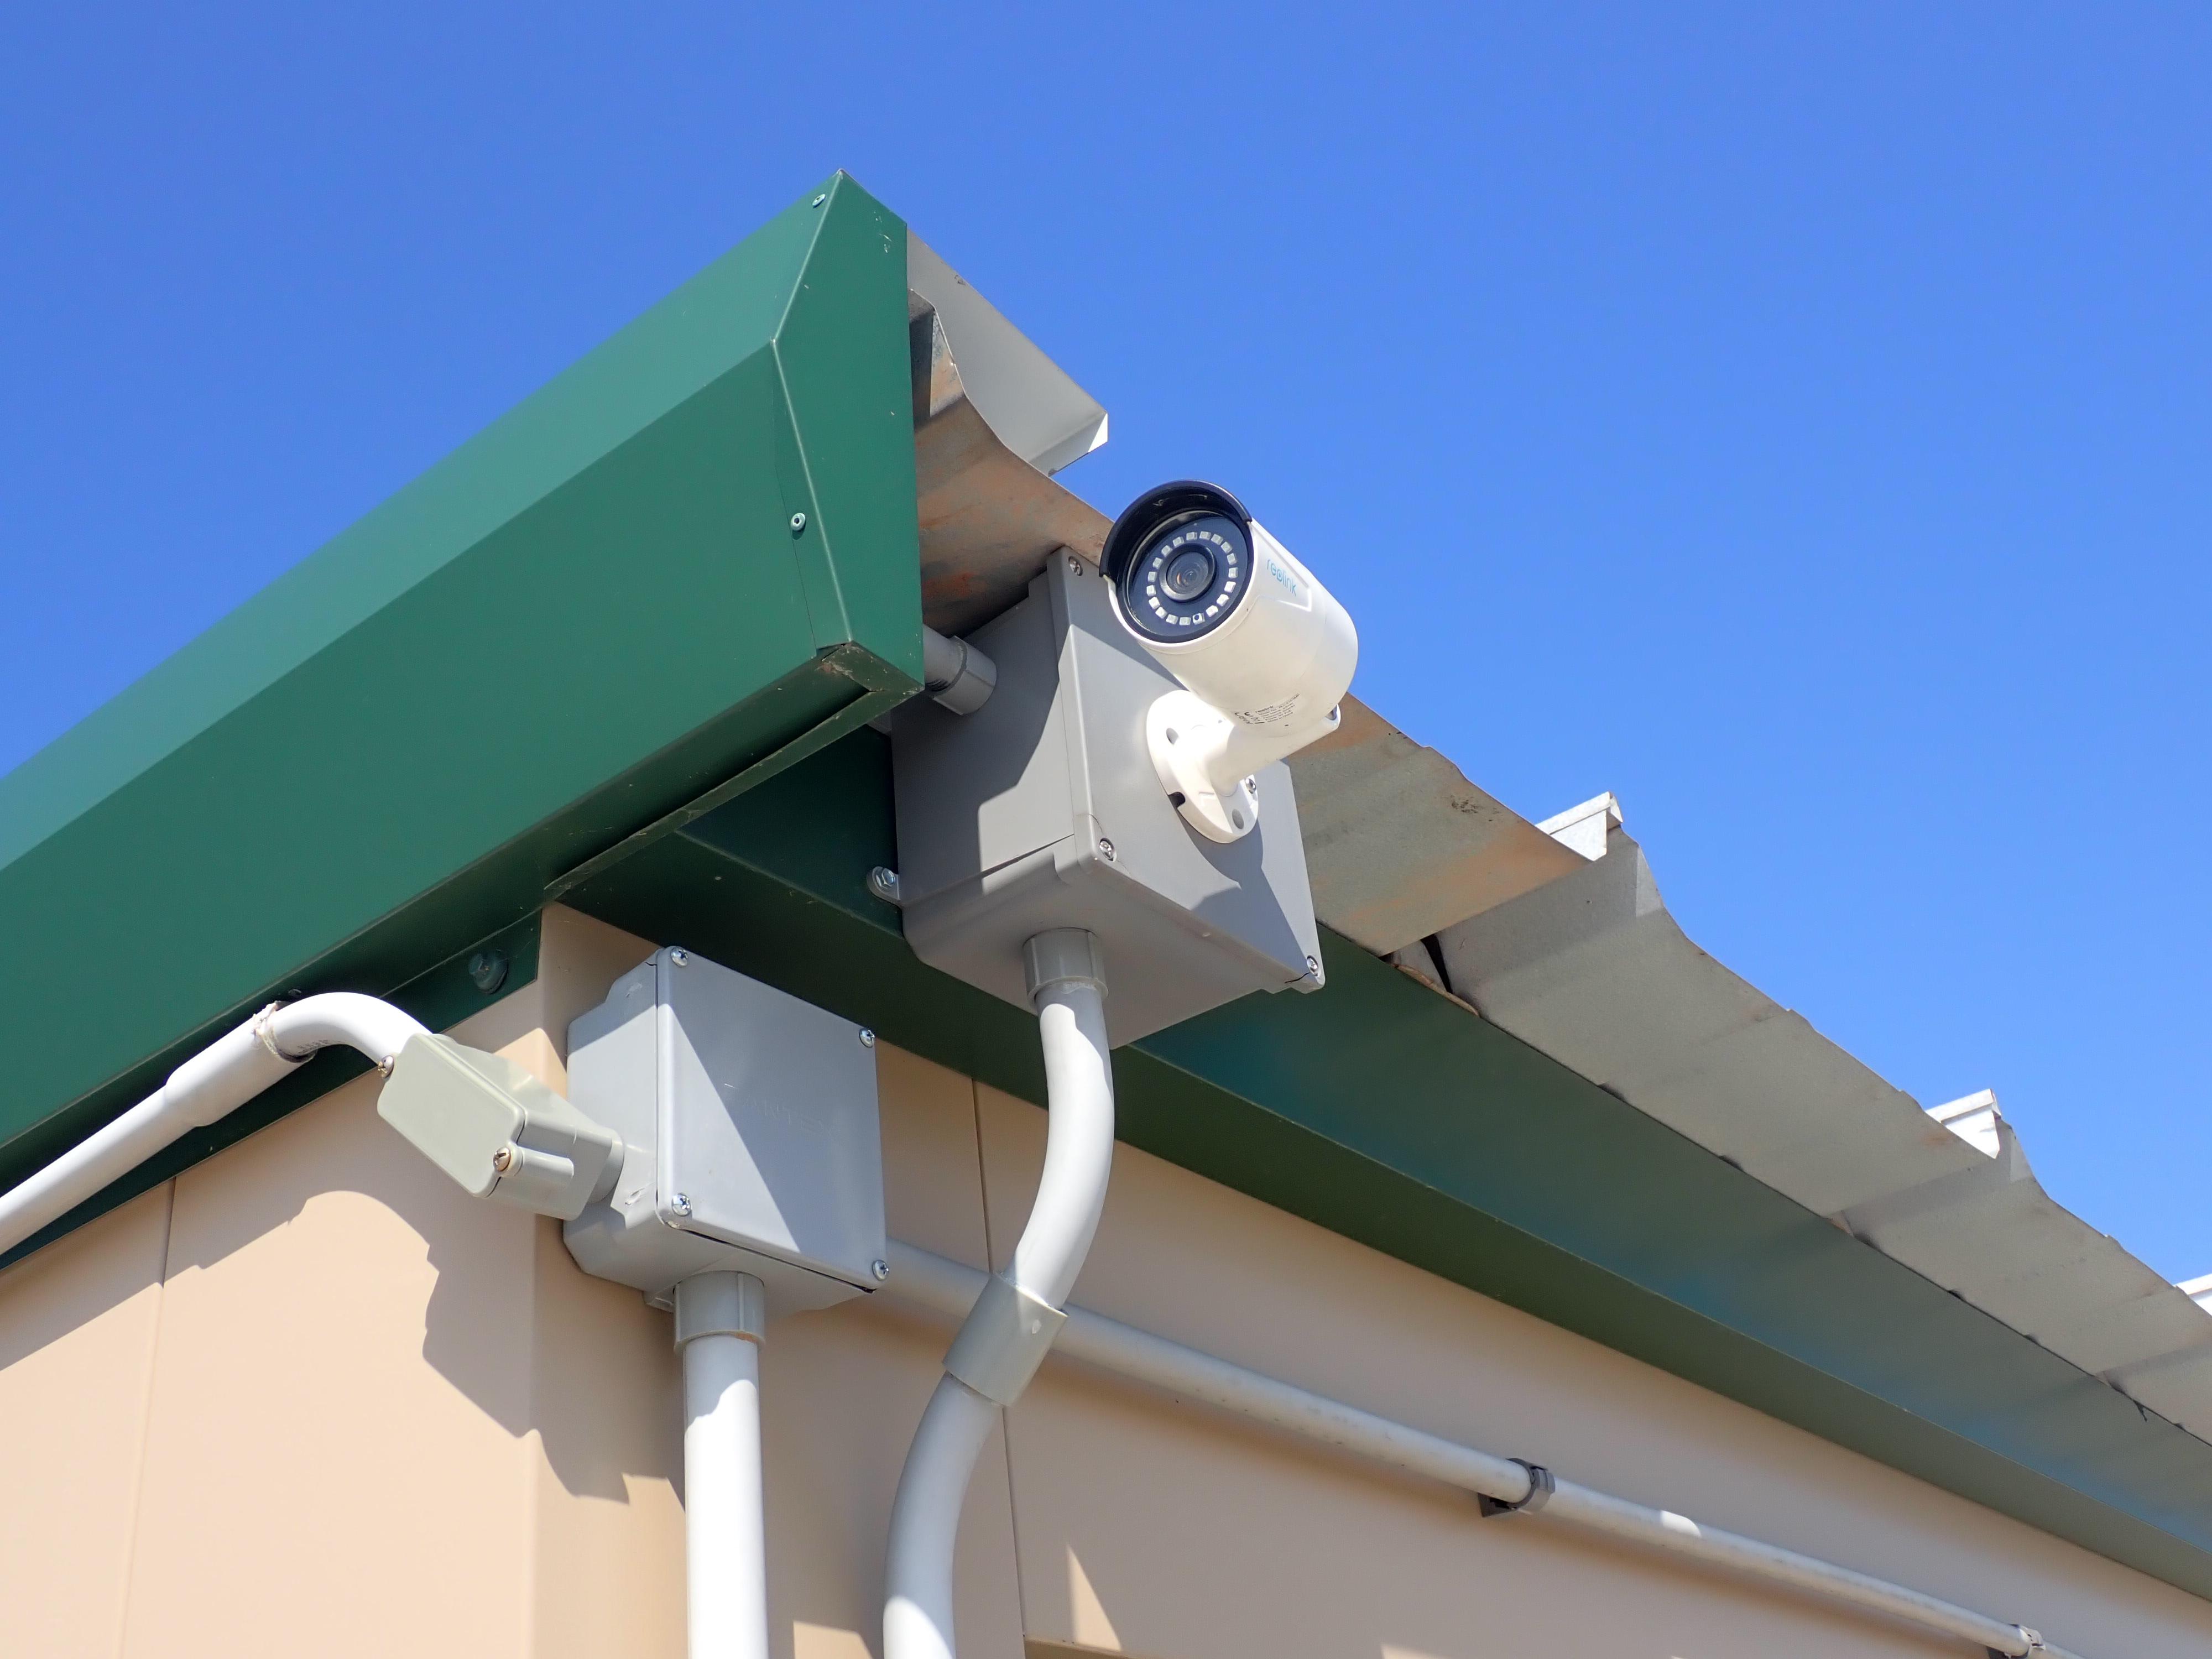 Video surveillance for secure storage in Manistee, MI